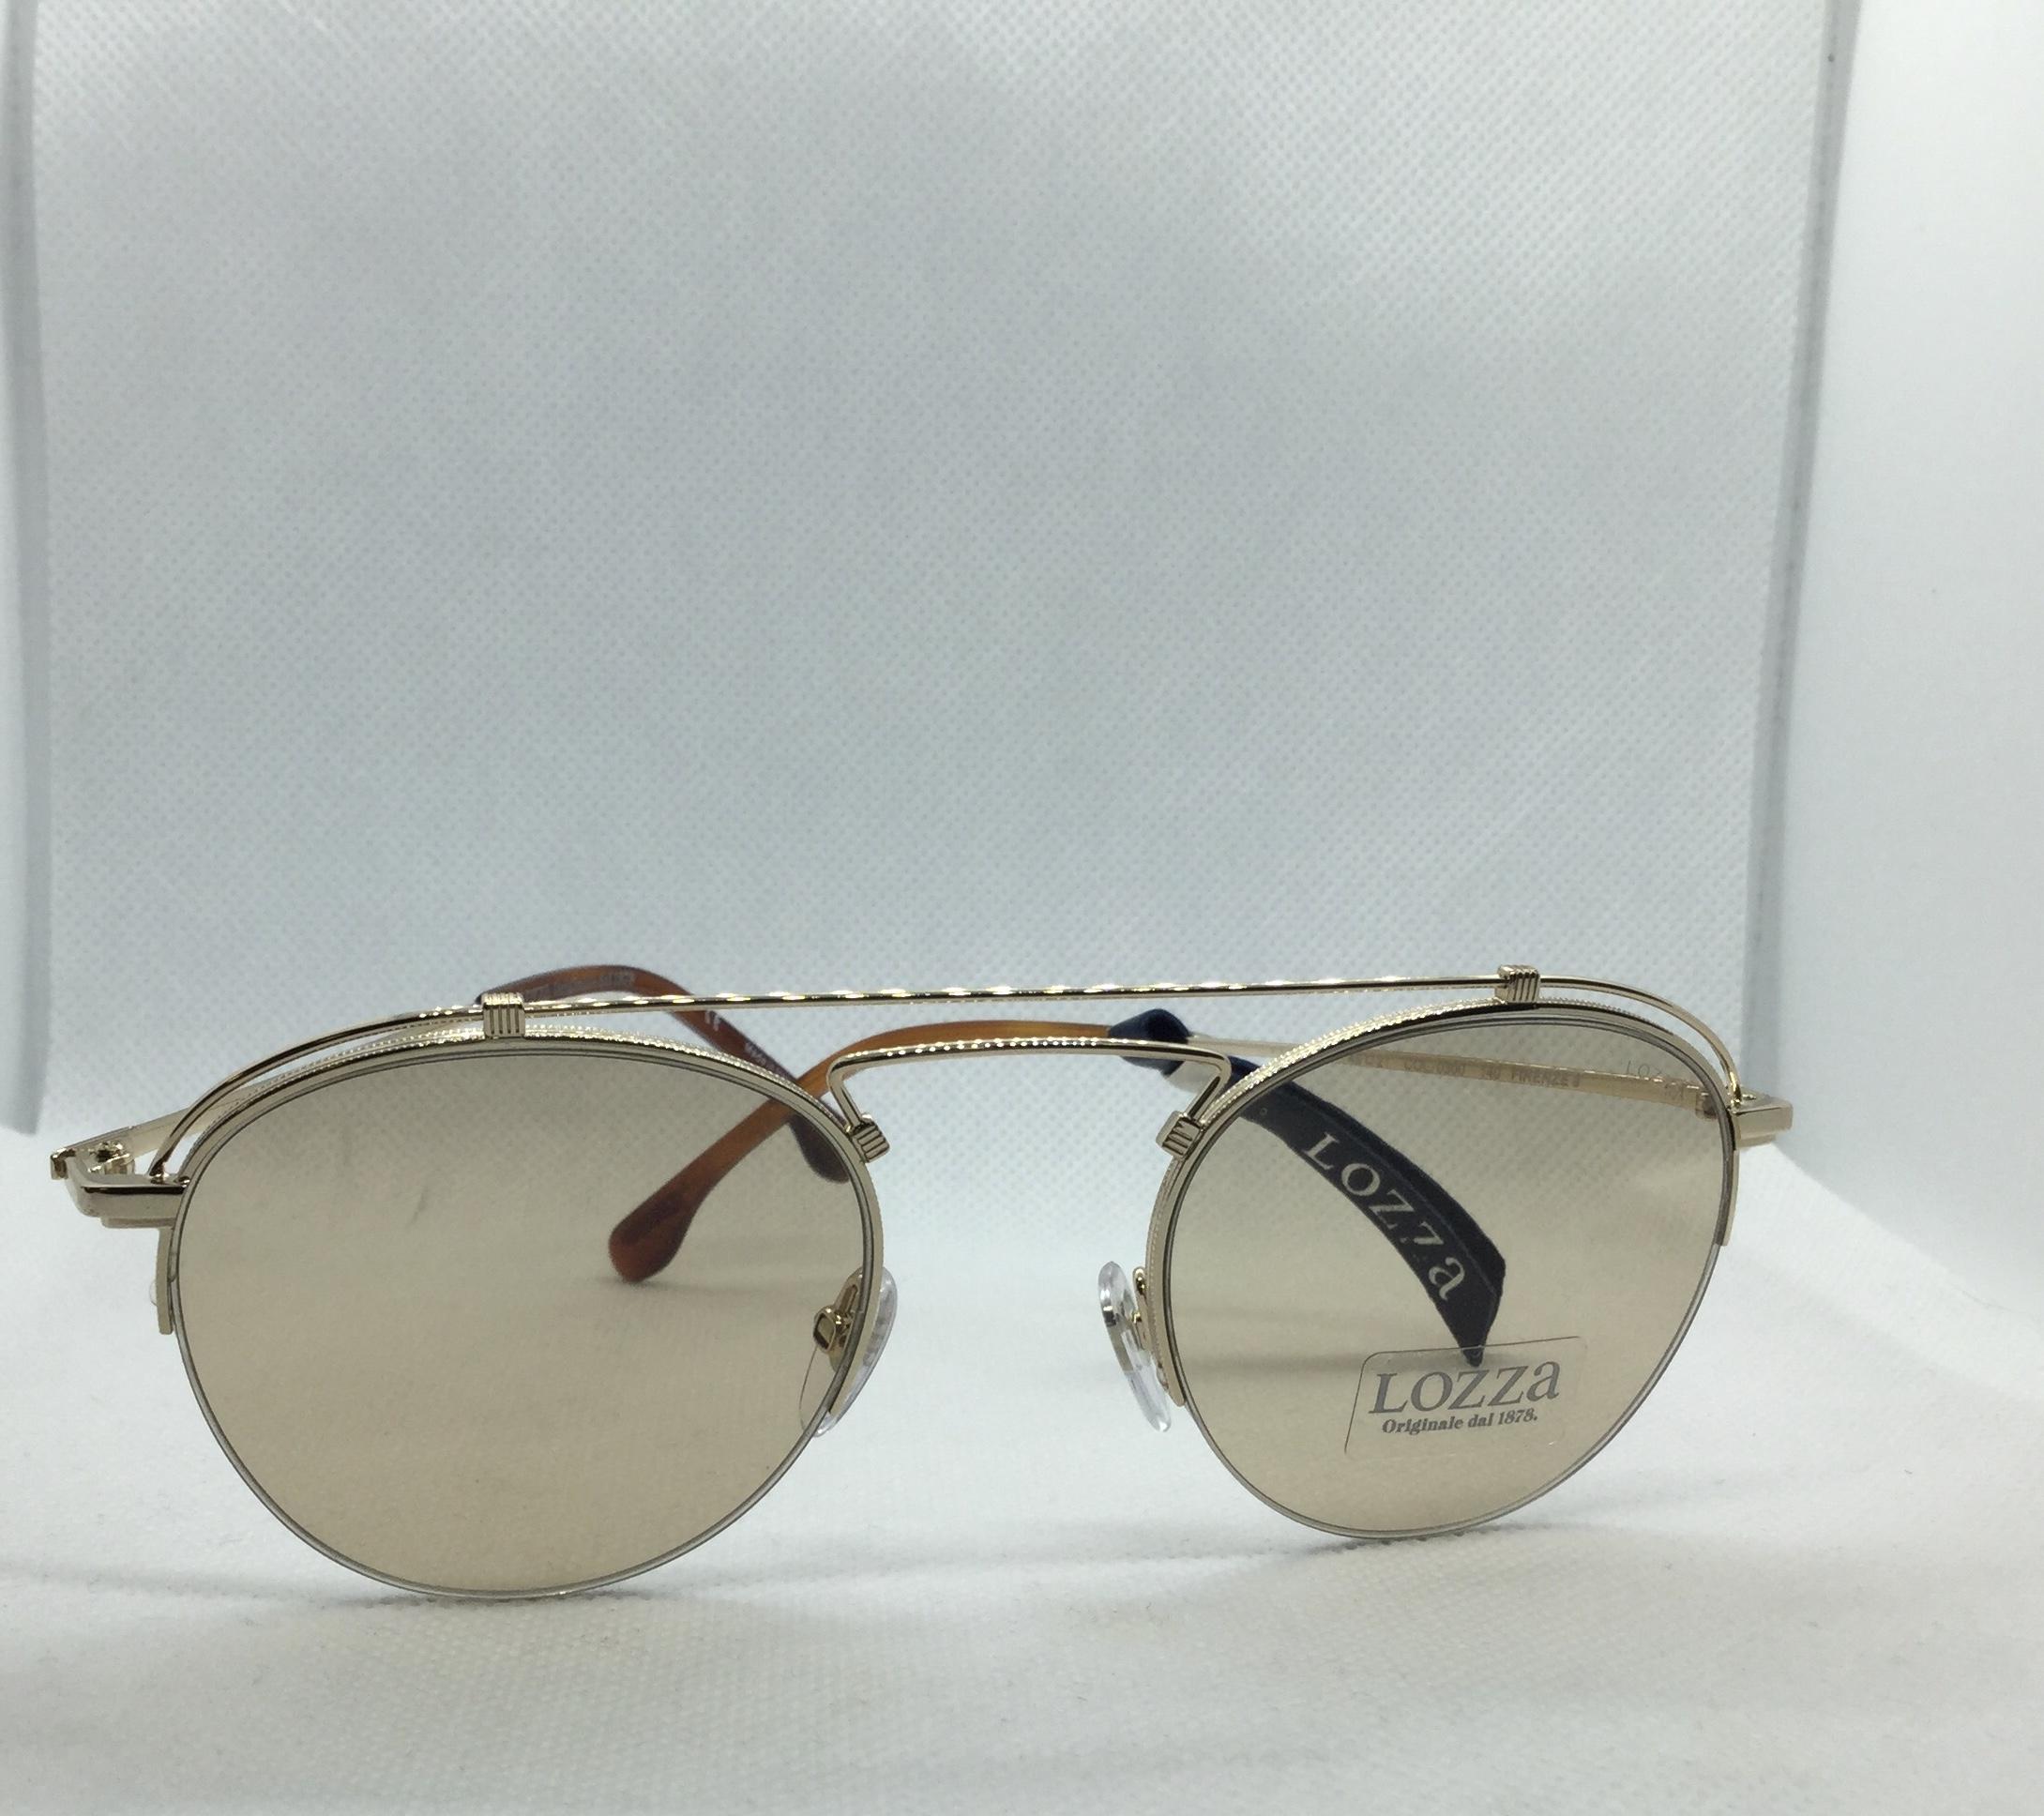 Occhiale da sole unisex modello Lozza SL 2316